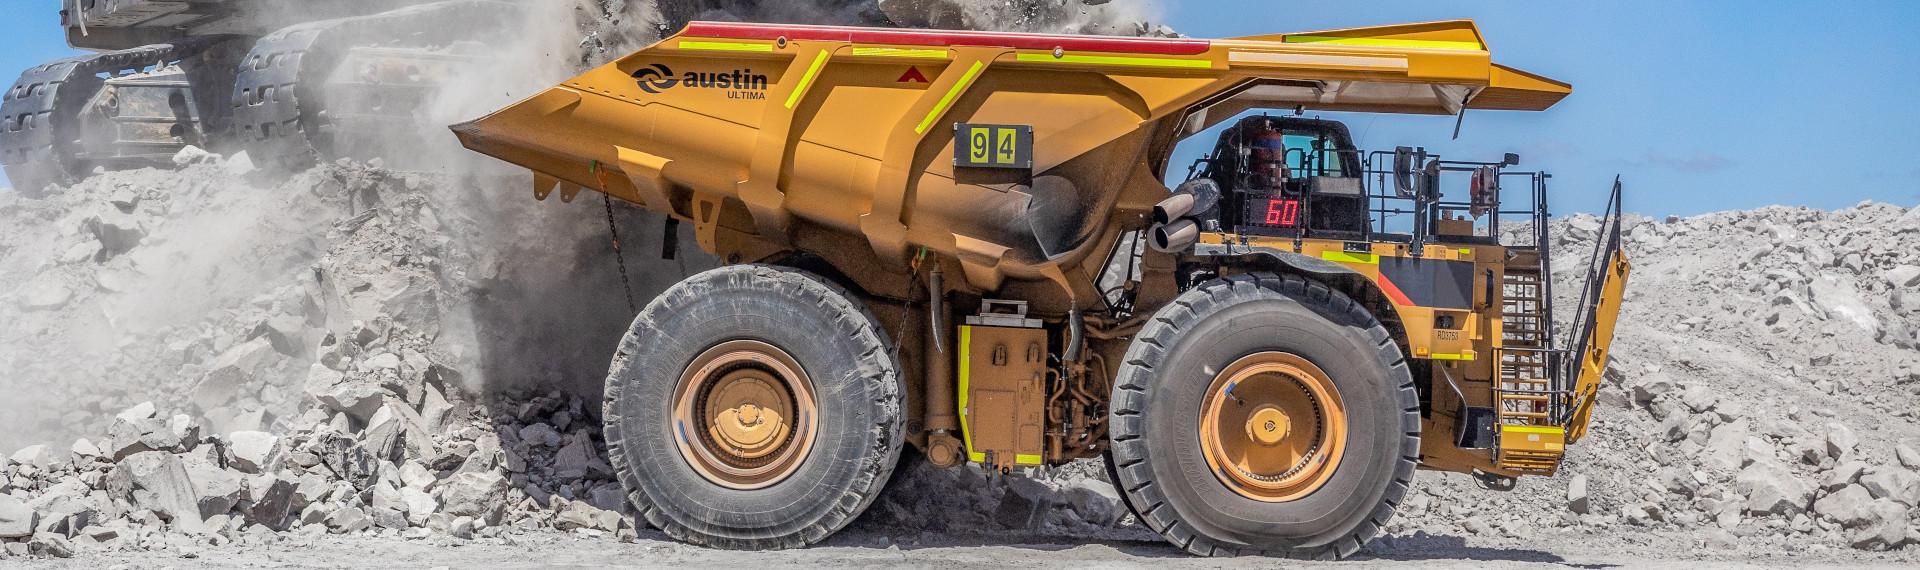 Caminhão de mineração de grandes dimensões da Austin, que pesa 25% menos graças ao Hardox® 500 Tuf